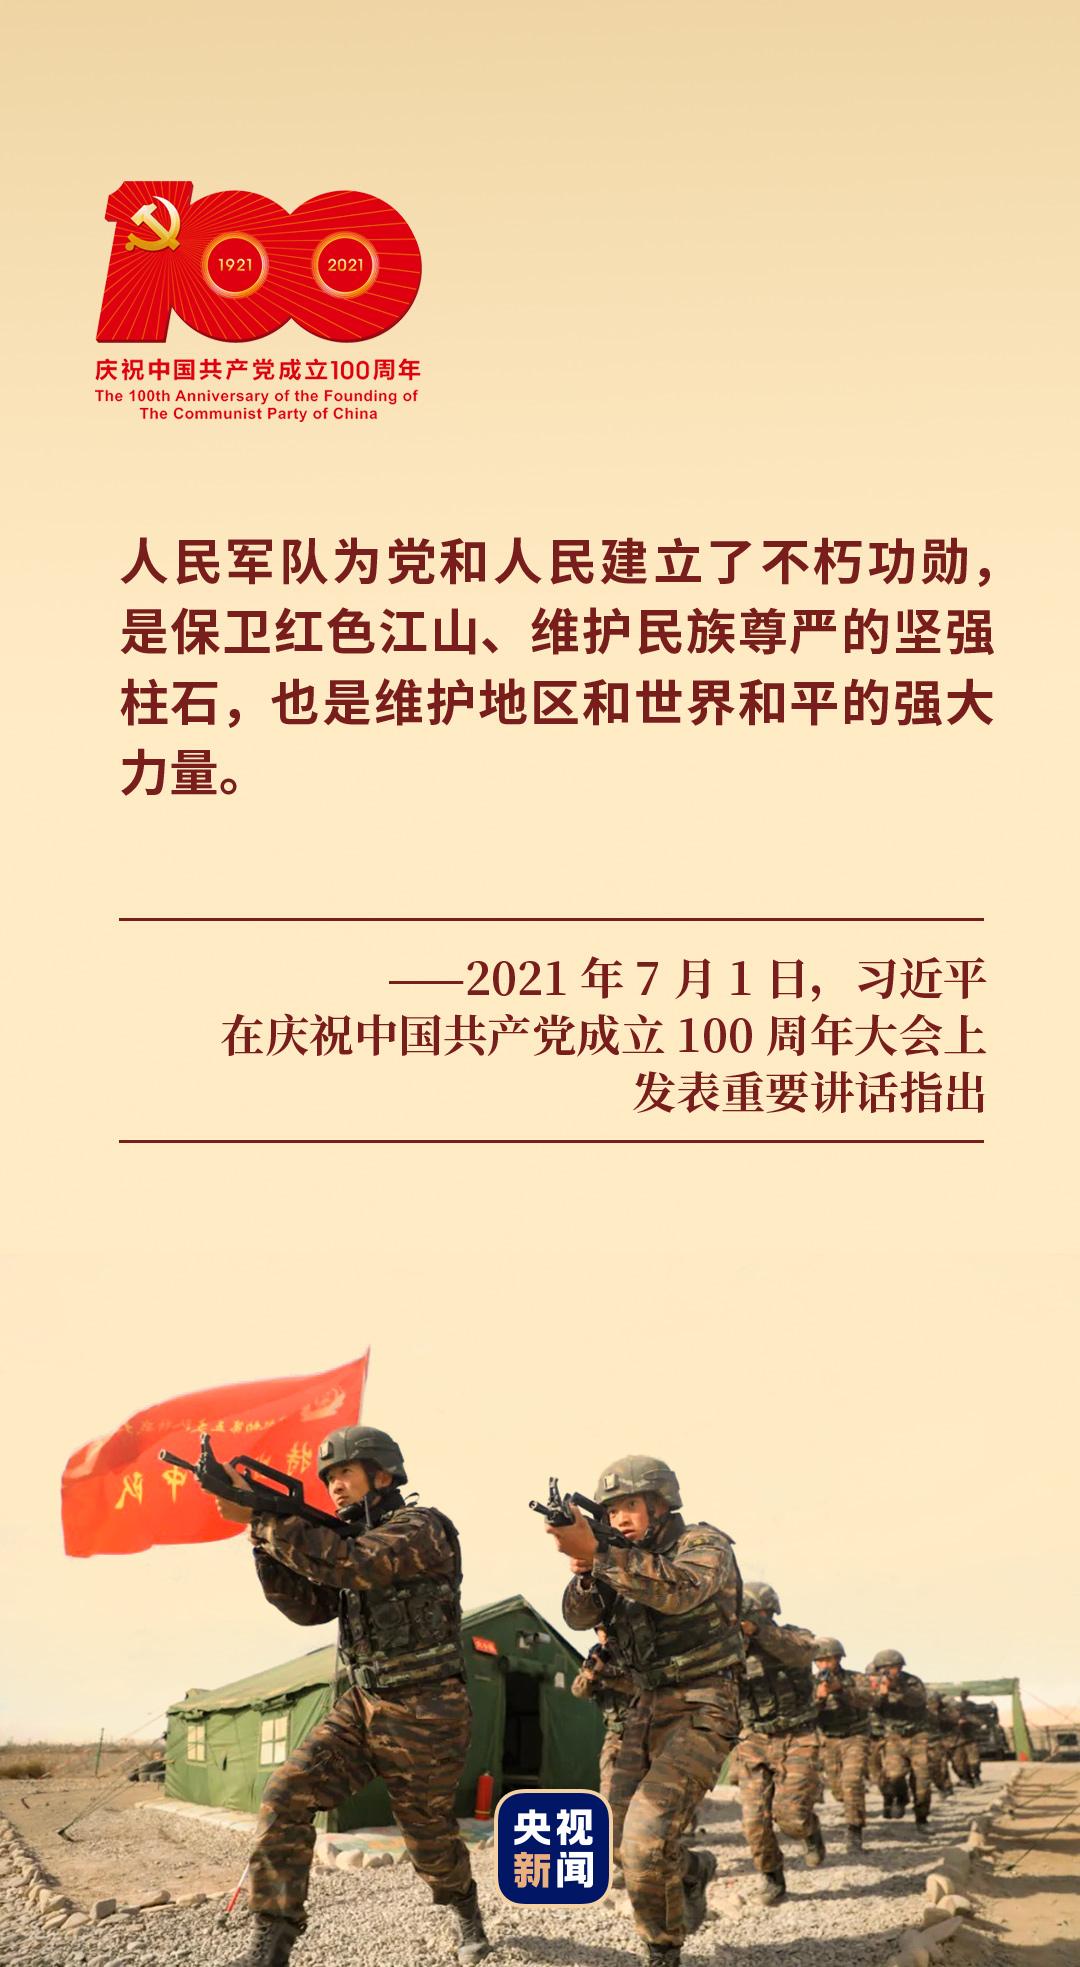 大党丨强国必须强军,军强才能国安